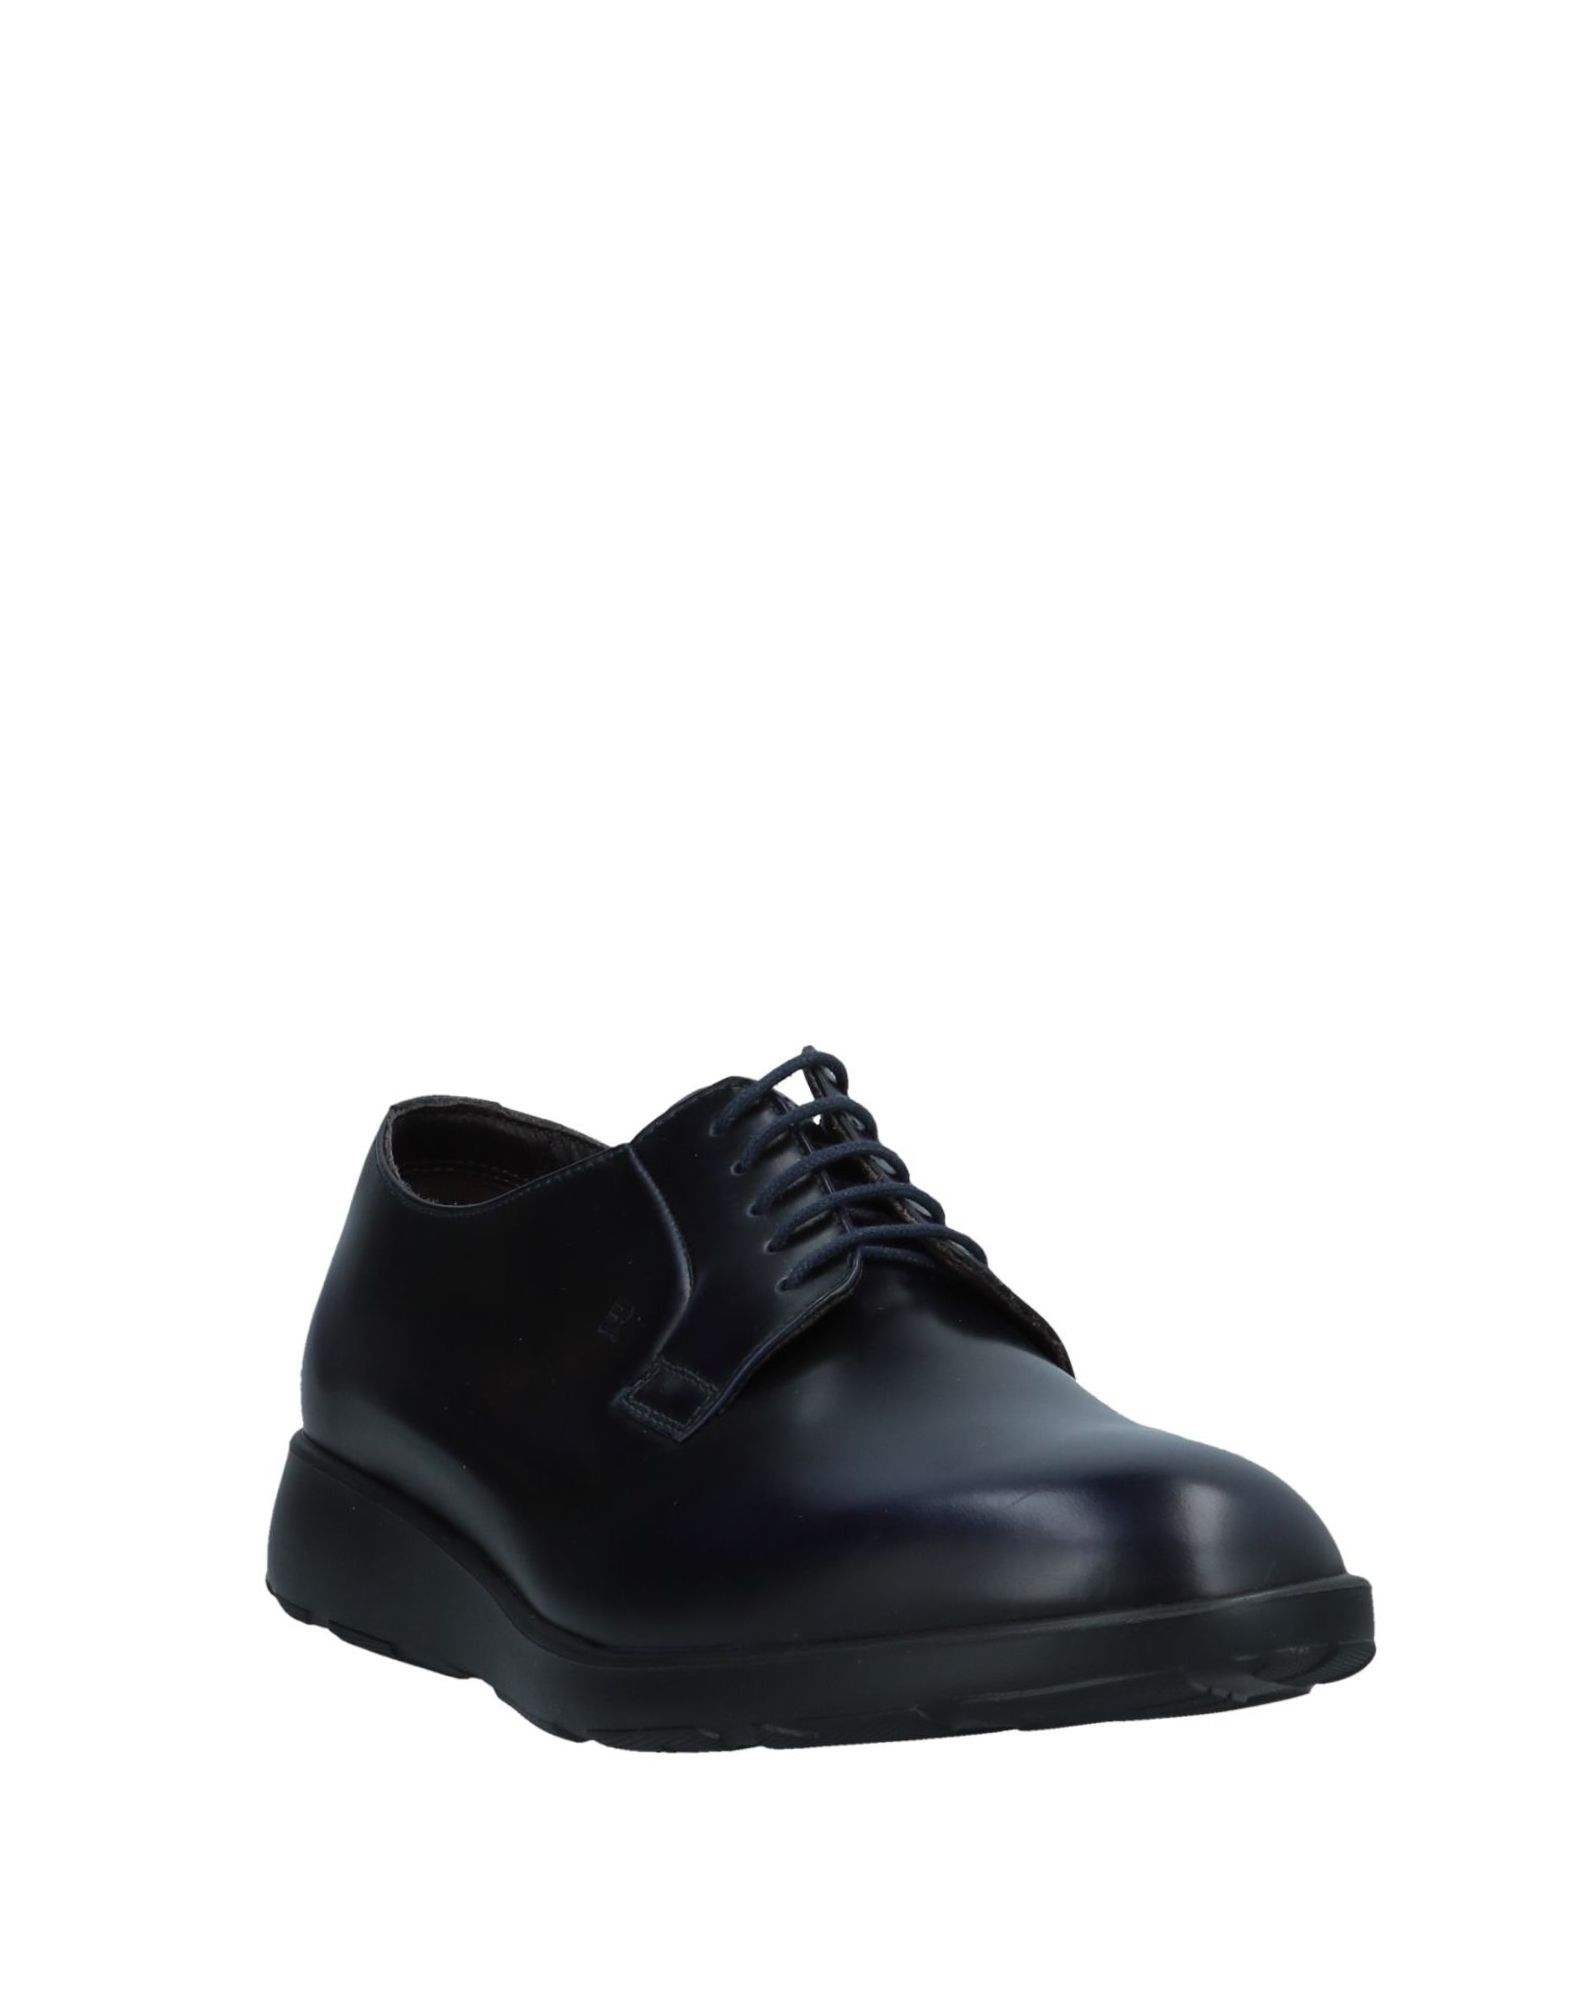 Fratelli Rossetti Schnürschuhe Herren  11550178FE Gute Qualität beliebte Schuhe